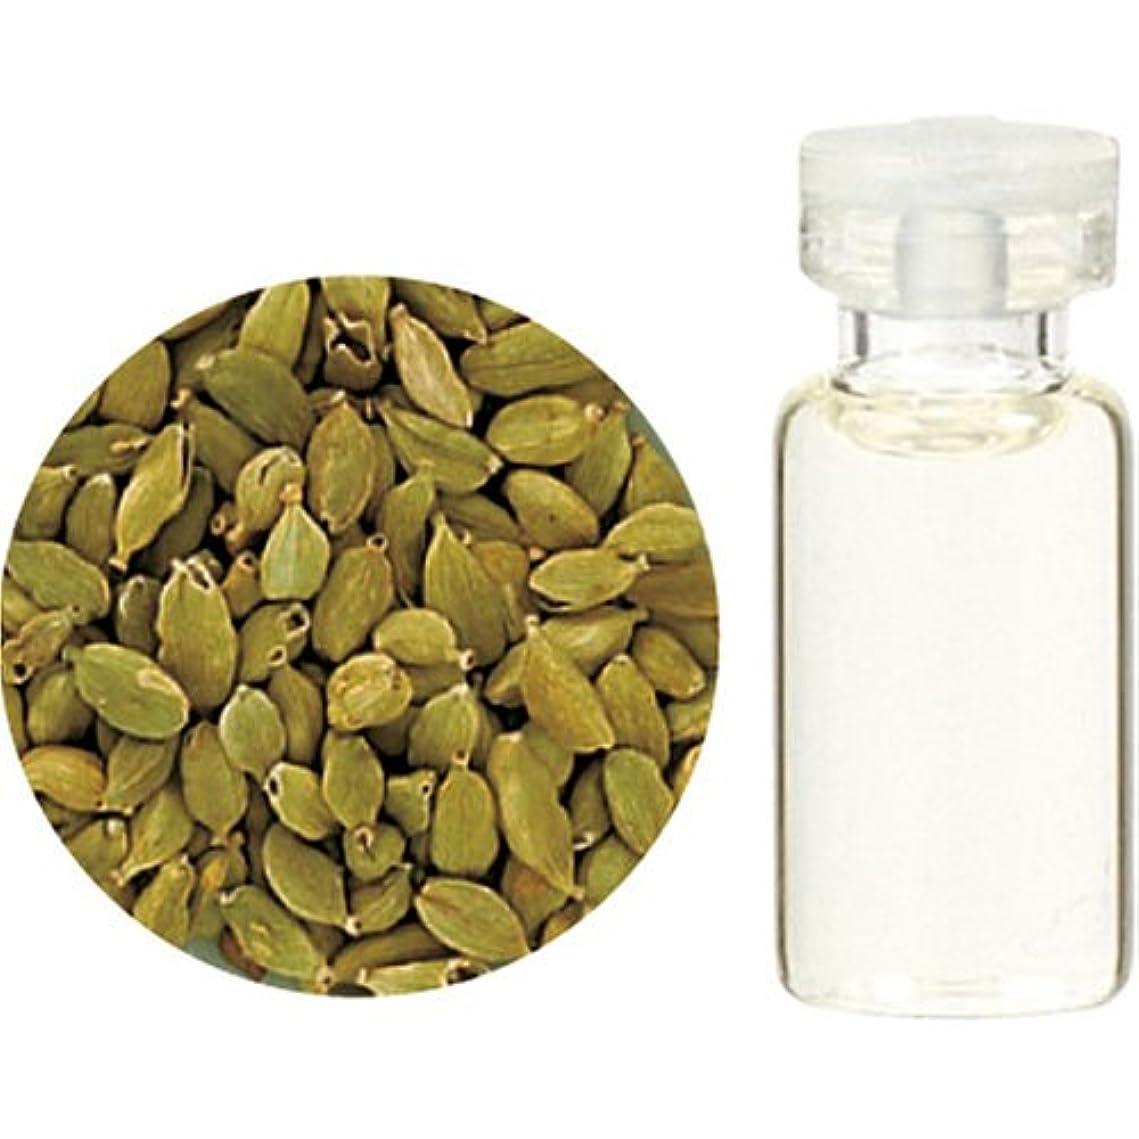 石炭適切に粒子Herbal Life カルダモン10ml